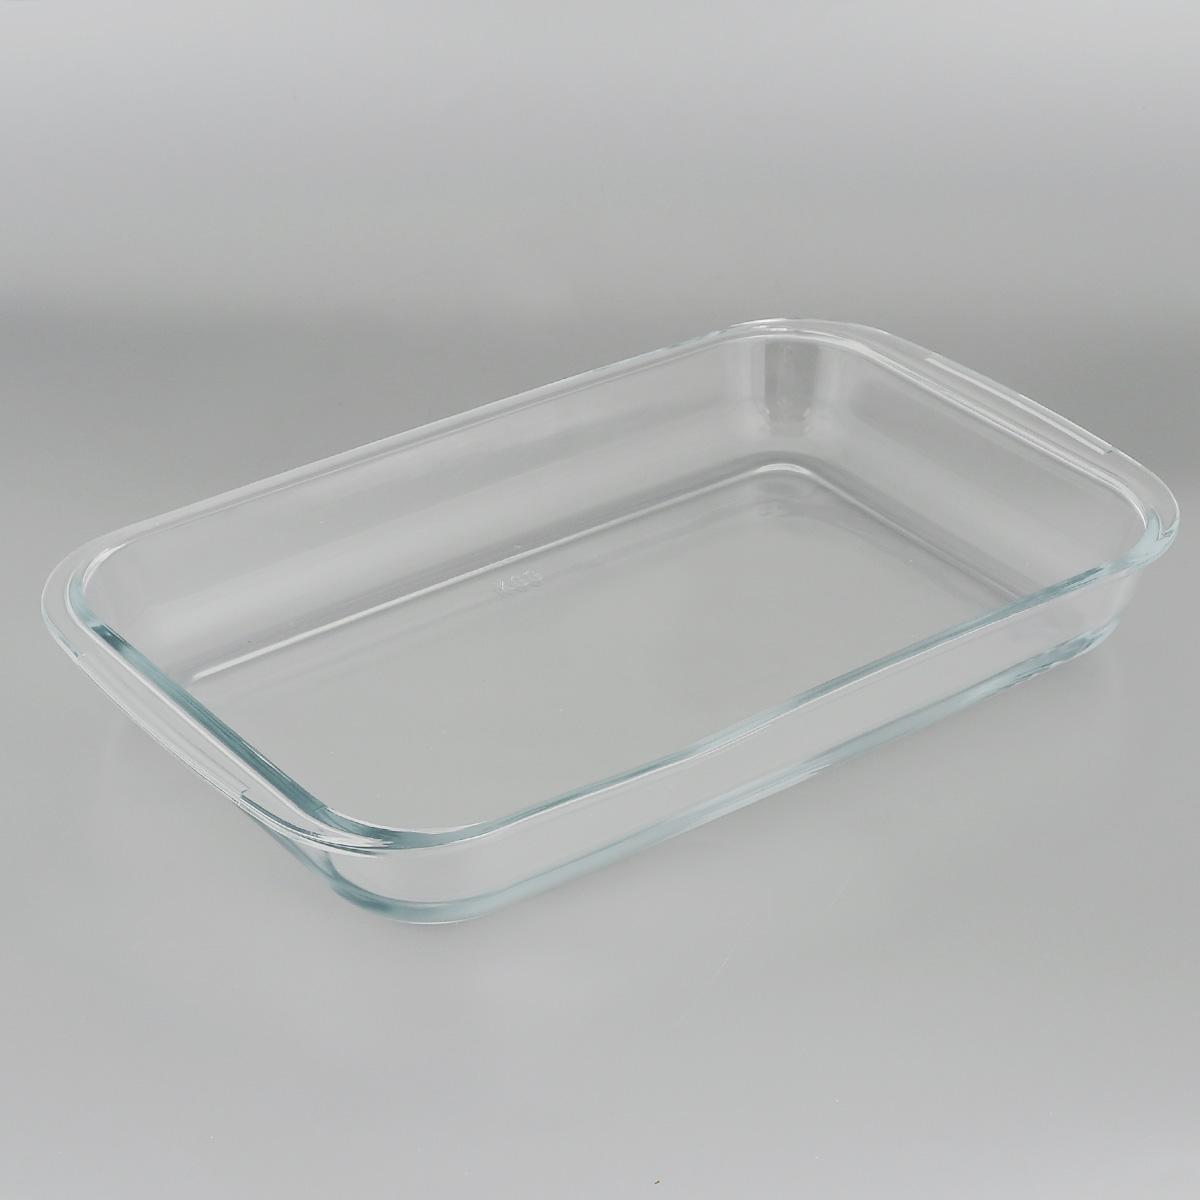 Форма для запекания Едим Дома, прямоугольная, 39 х 23 смPV4Прямоугольная форма для запекания Едим Дома изготовлена из жаропрочного стекла, которое выдерживает температуру до +450°С. Форма предназначена для приготовления горячих блюд. Оснащена двумя ручками. Материал изделия гигиеничен, прост в уходе и обладает высокой степенью прочности. Форма идеально подходит для использования в духовках, микроволновых печах, холодильниках и морозильных камерах. Также ее можно использовать на газовых плитах (на слабом огне) и на электроплитах. Можно мыть в посудомоечной машине.Внутренний размер формы: 35 см х 23 см.Внешний размер формы (с учетом ручек): 39 см х 23 см. Высота стенки формы: 5 см.